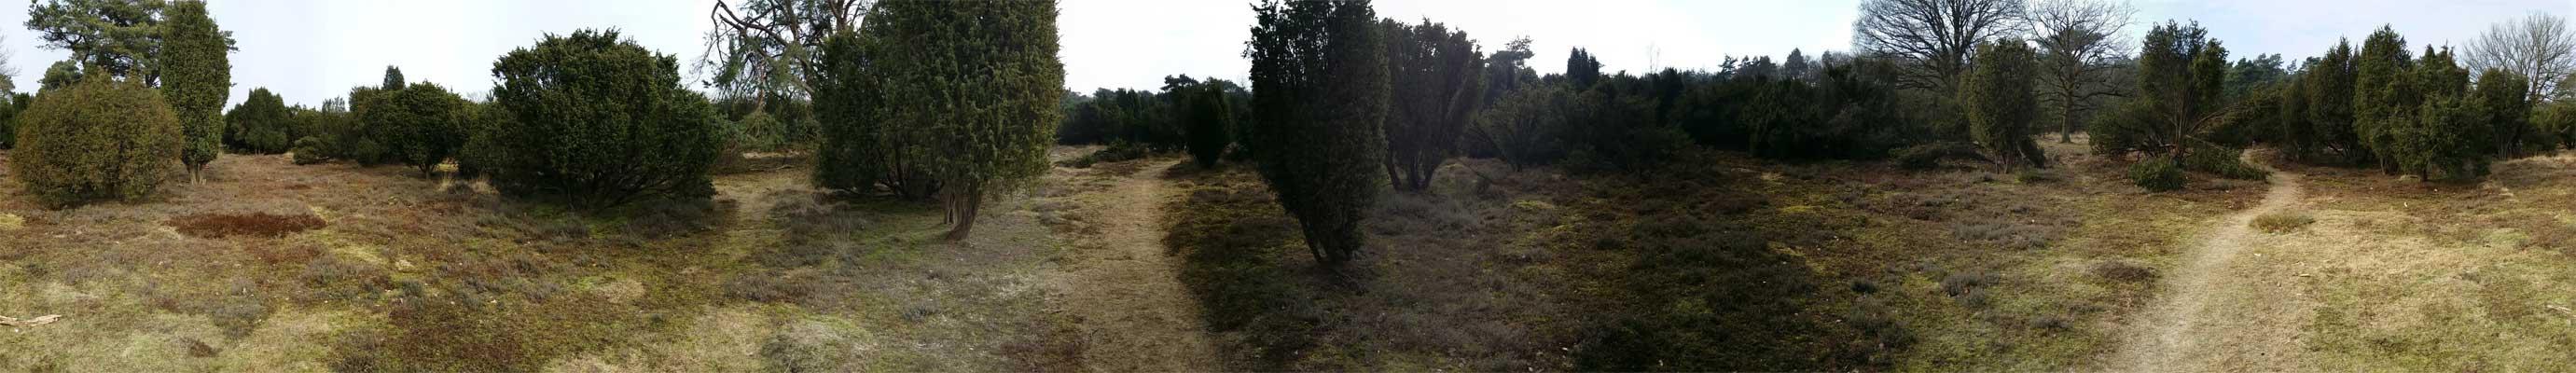 Panorama-De-Palms-voetzoekers